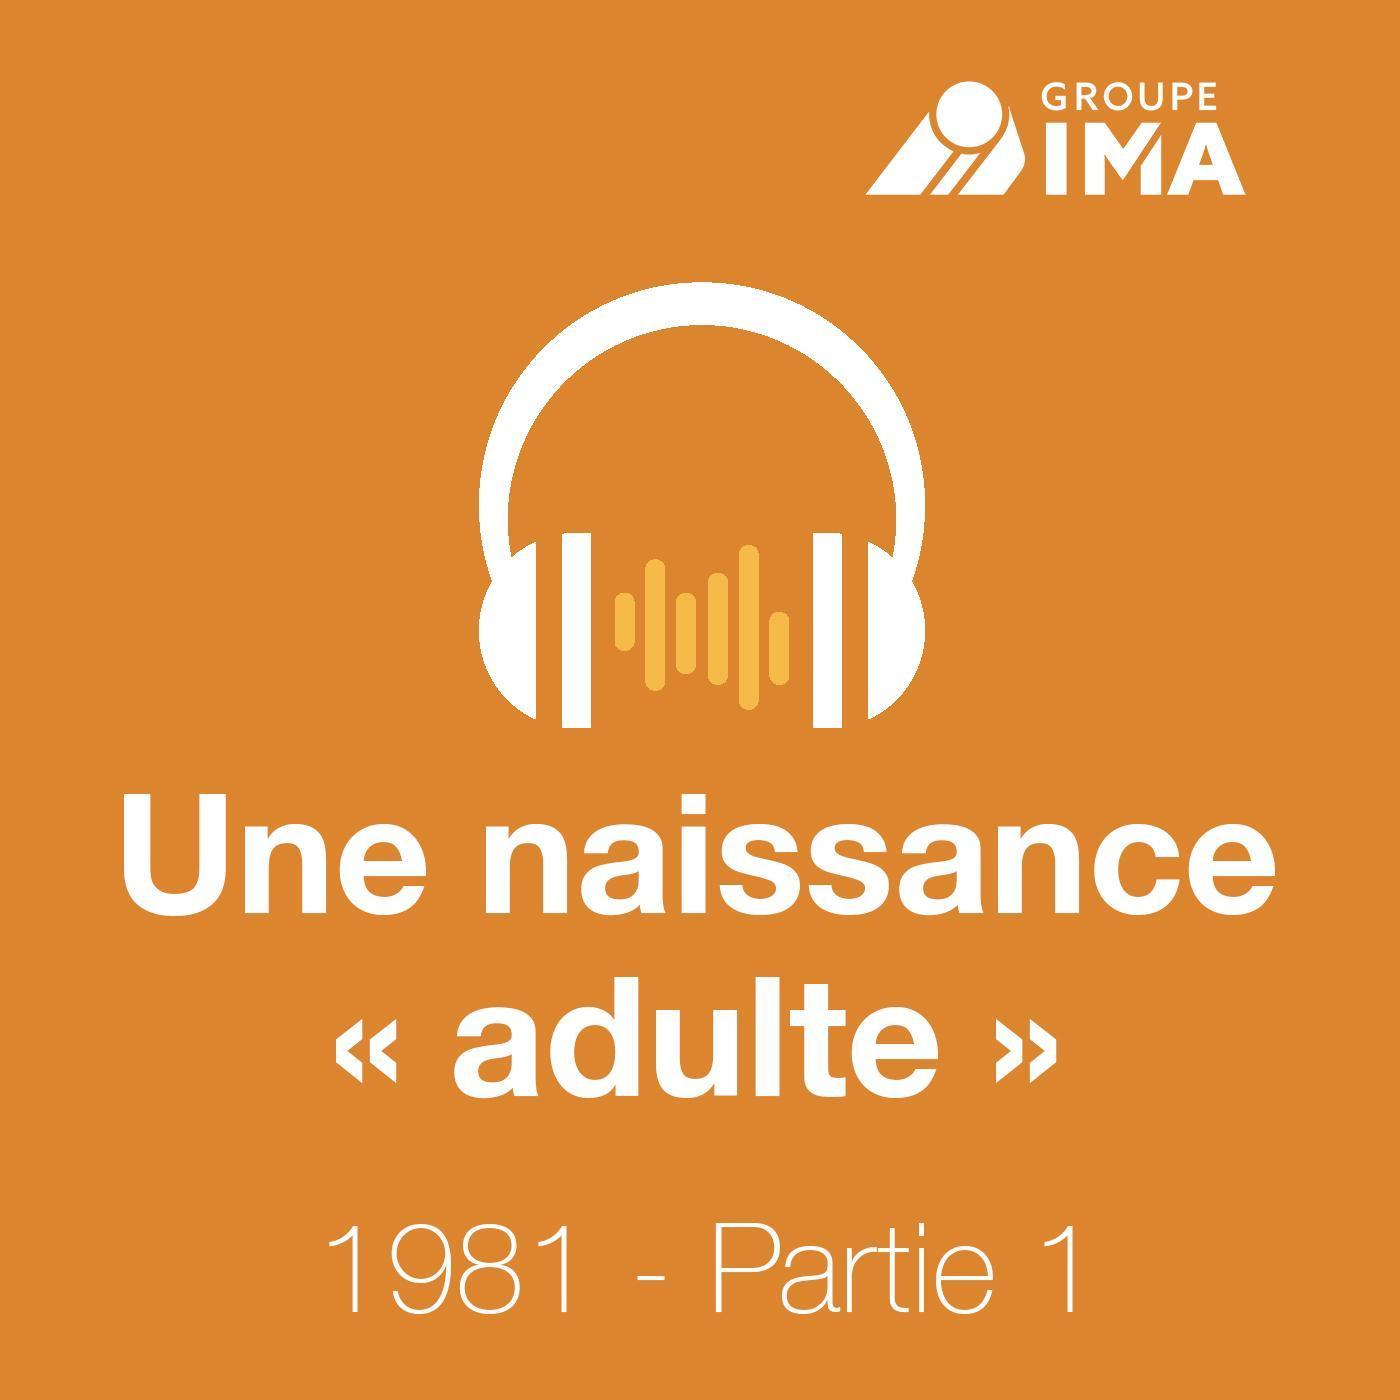 1981, une naissance « adulte » - Partie 1